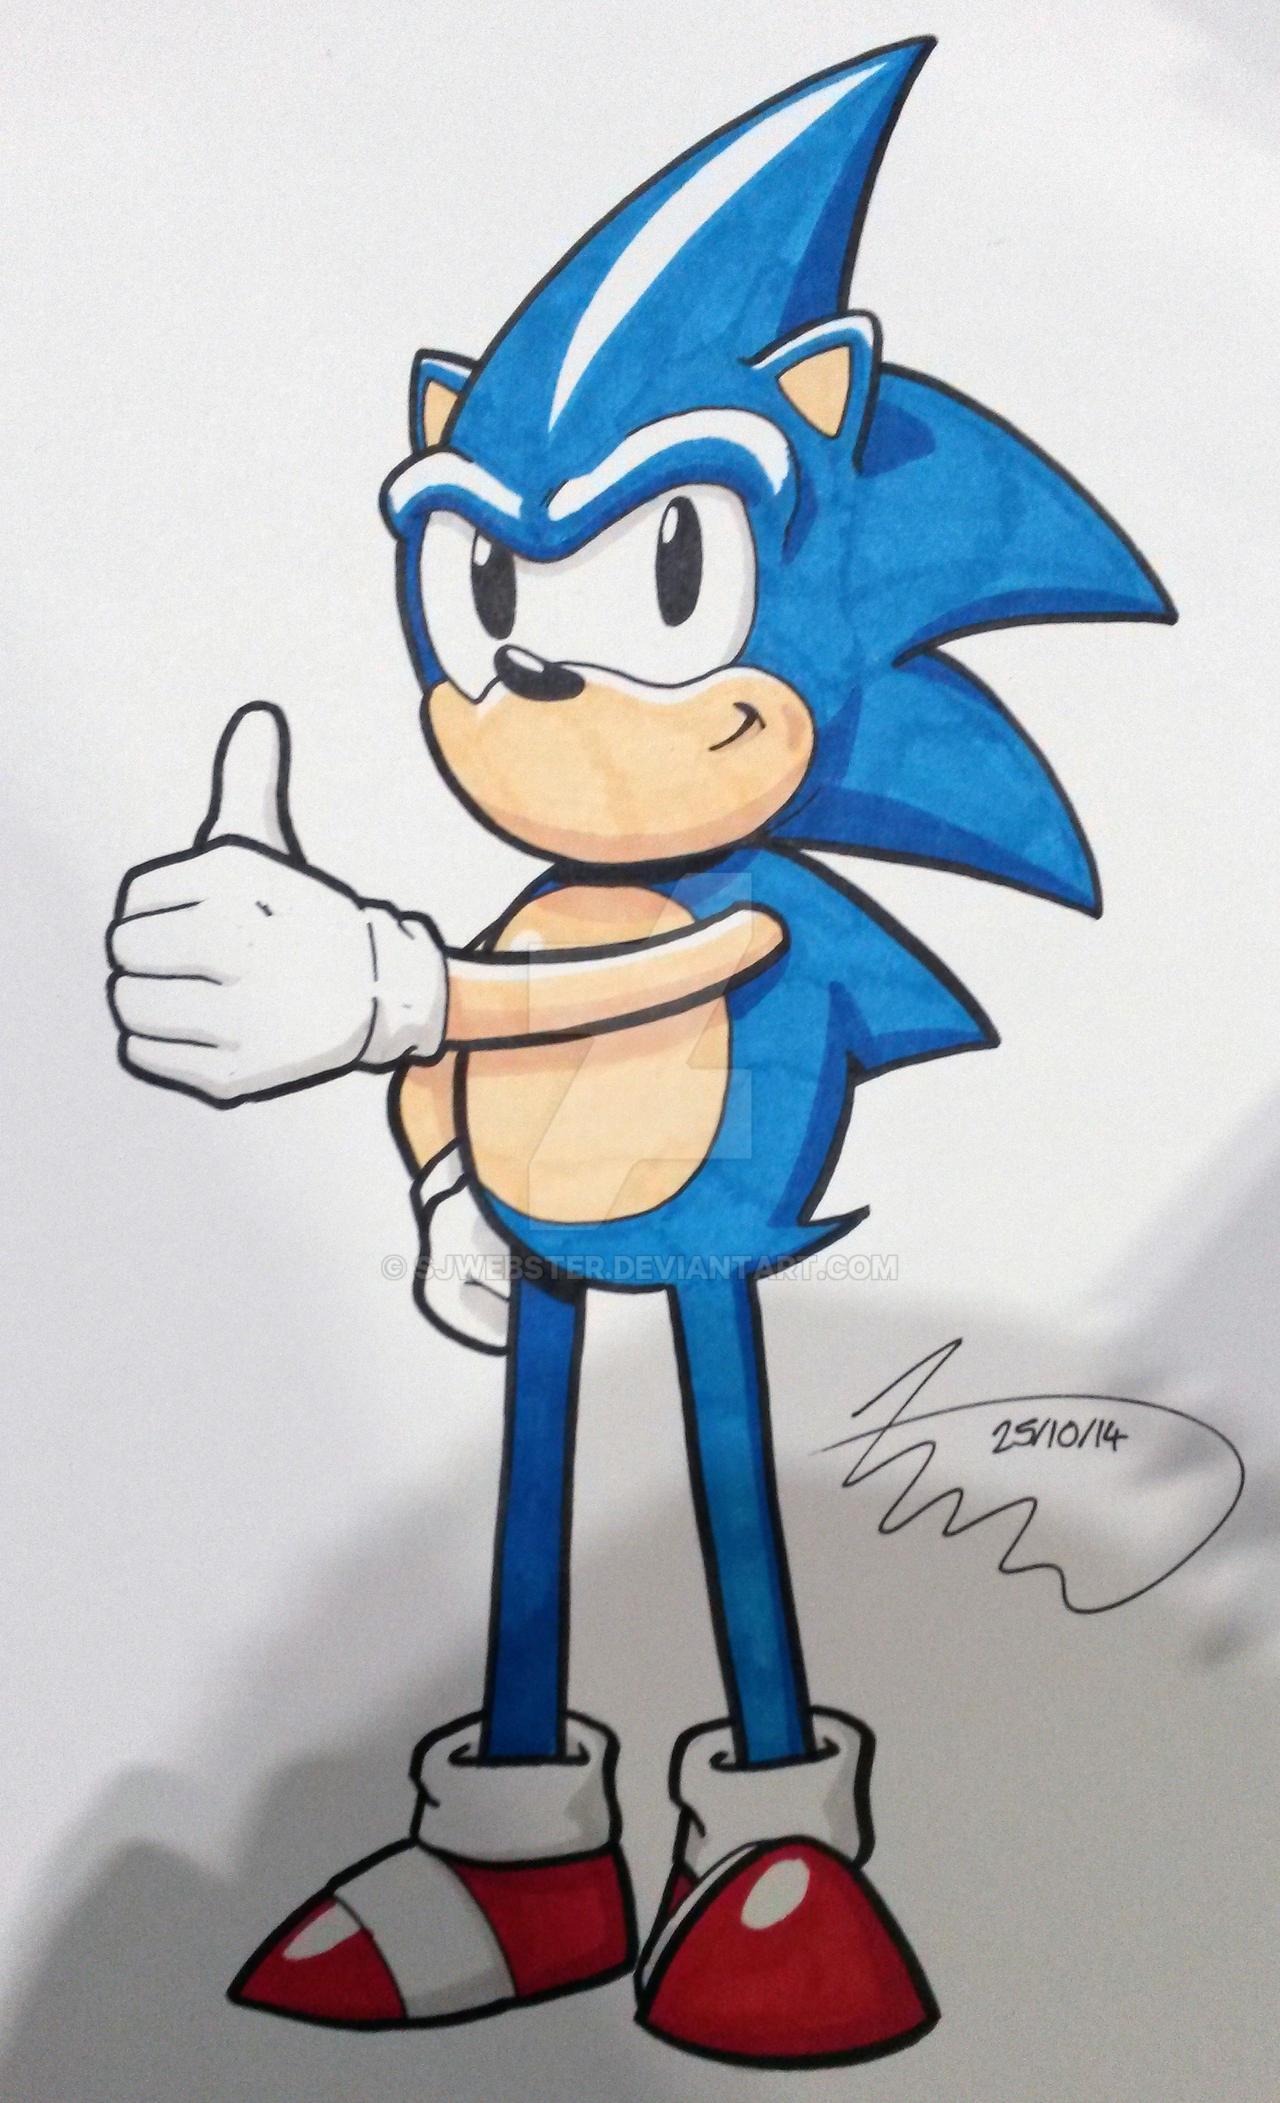 Sonic by SJWebster